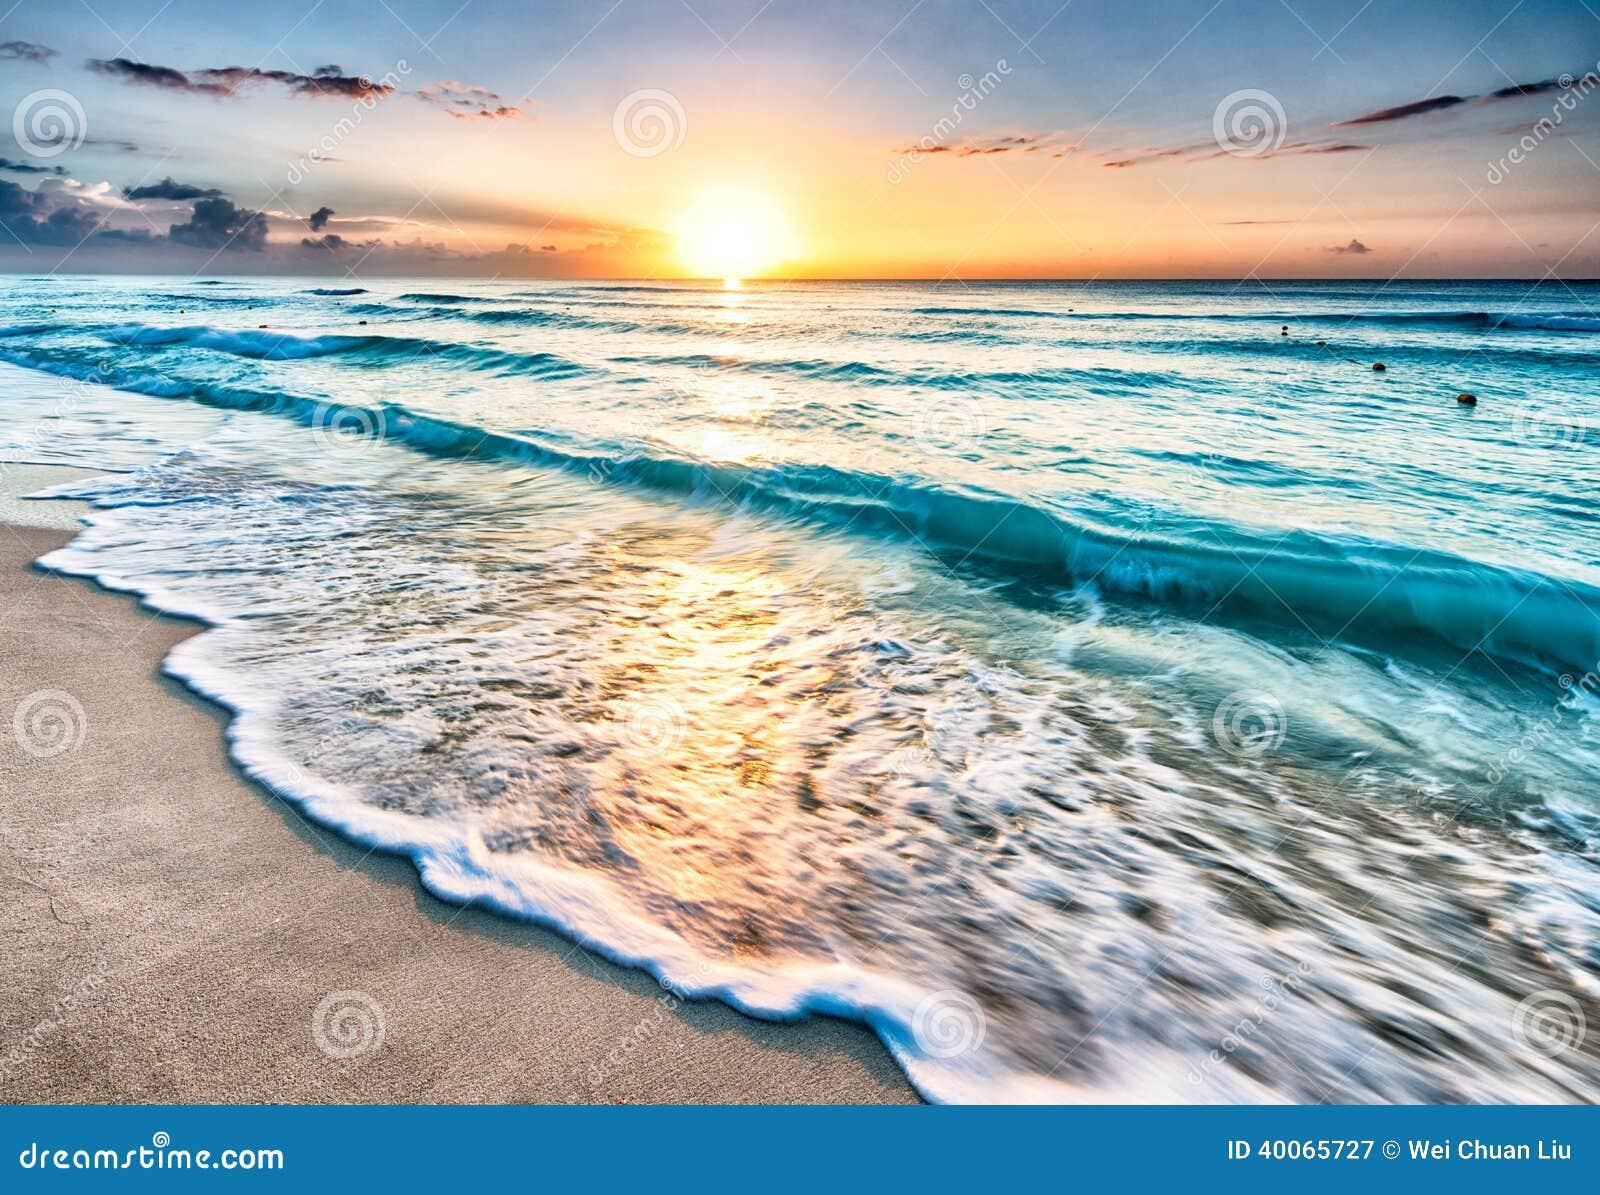 Salida del sol sobre la playa en Cancun